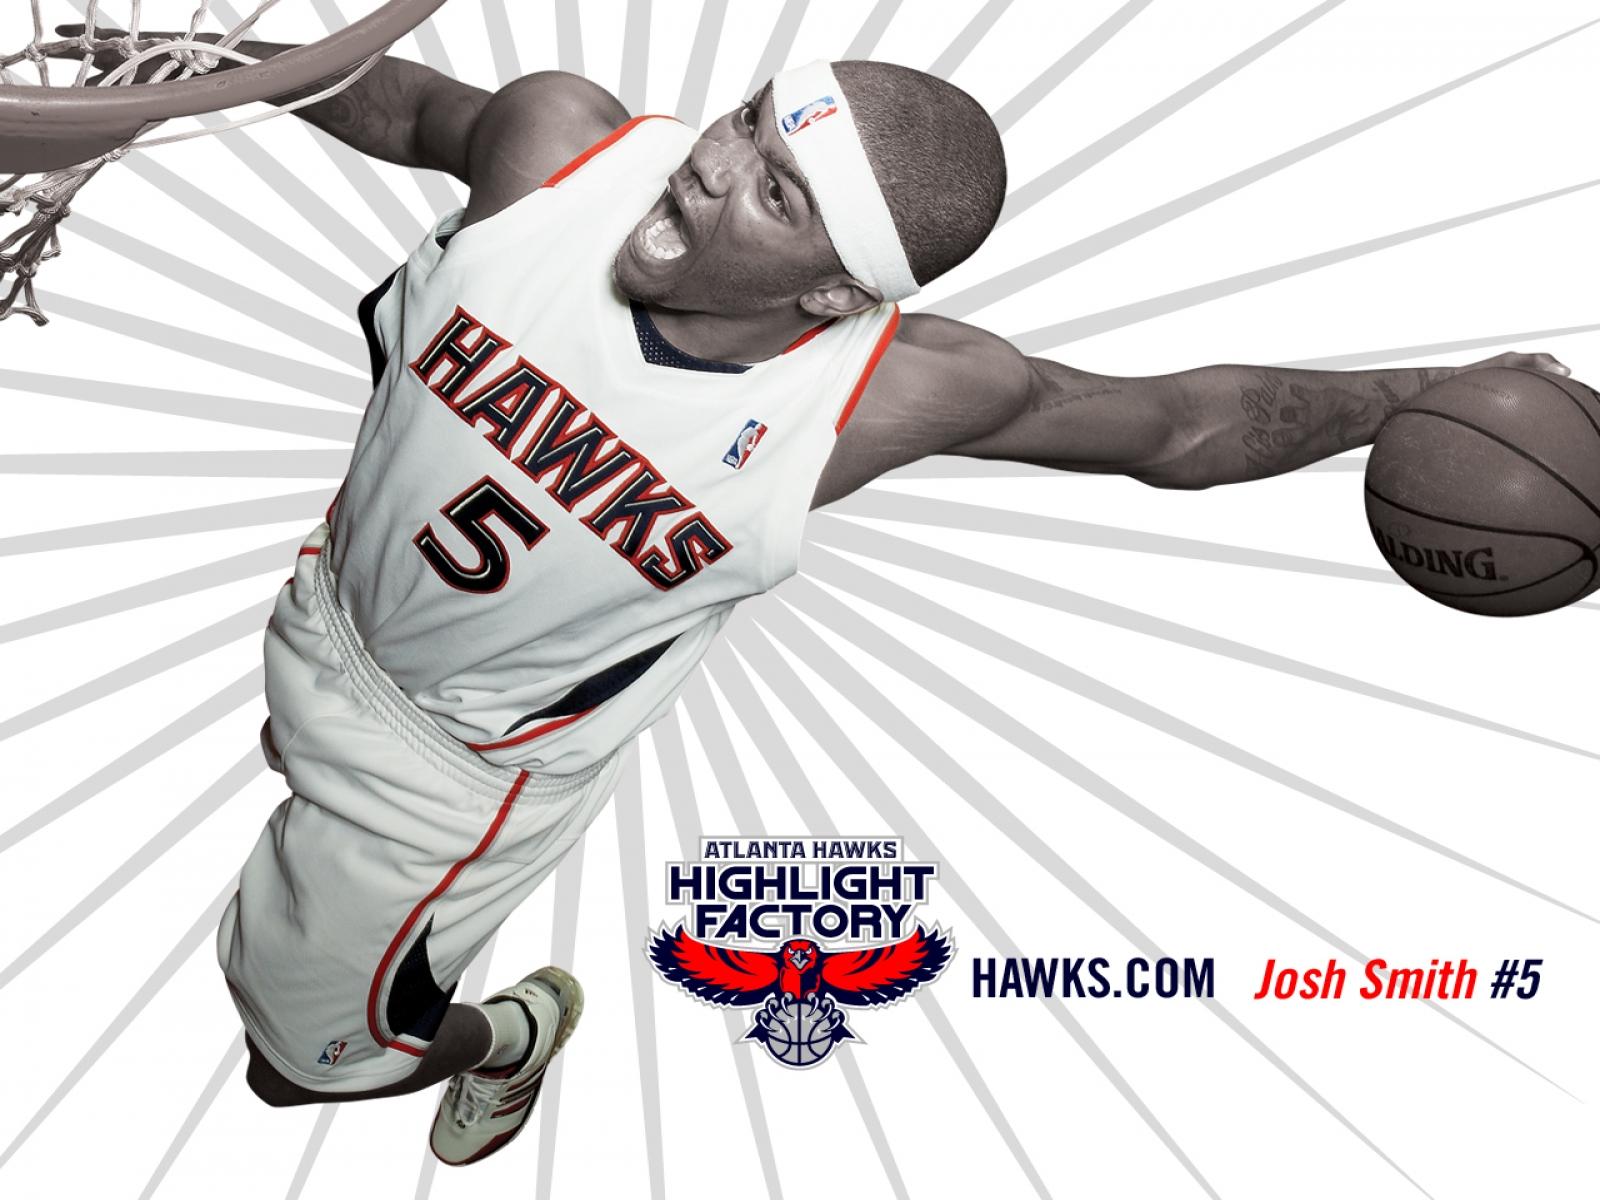 http://4.bp.blogspot.com/-hO0uzq6nNMs/T_x0_ZkrIfI/AAAAAAAAMhE/qOE7qmoBPiE/s1600/josh_smith_Basketball_dunk_wallpaper.jpg